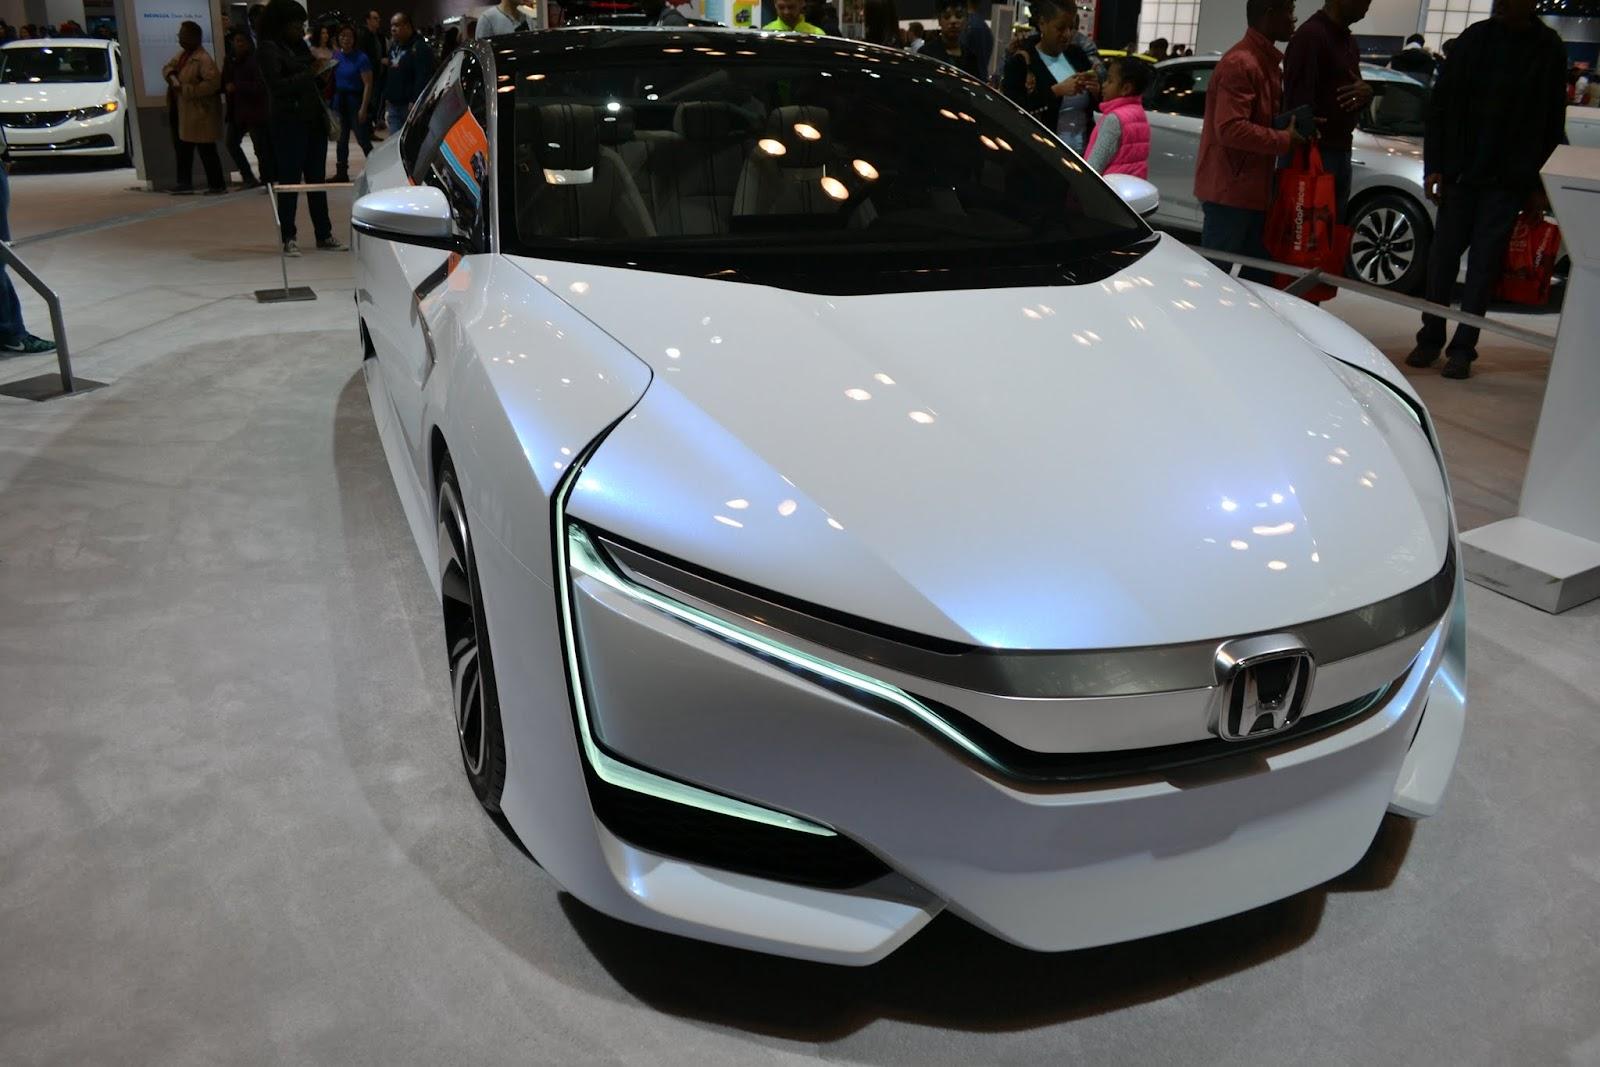 Honda FCV. Ежегодное автошоу в Нью-Йорке - 2015 (New York International Auto Show - 2015)